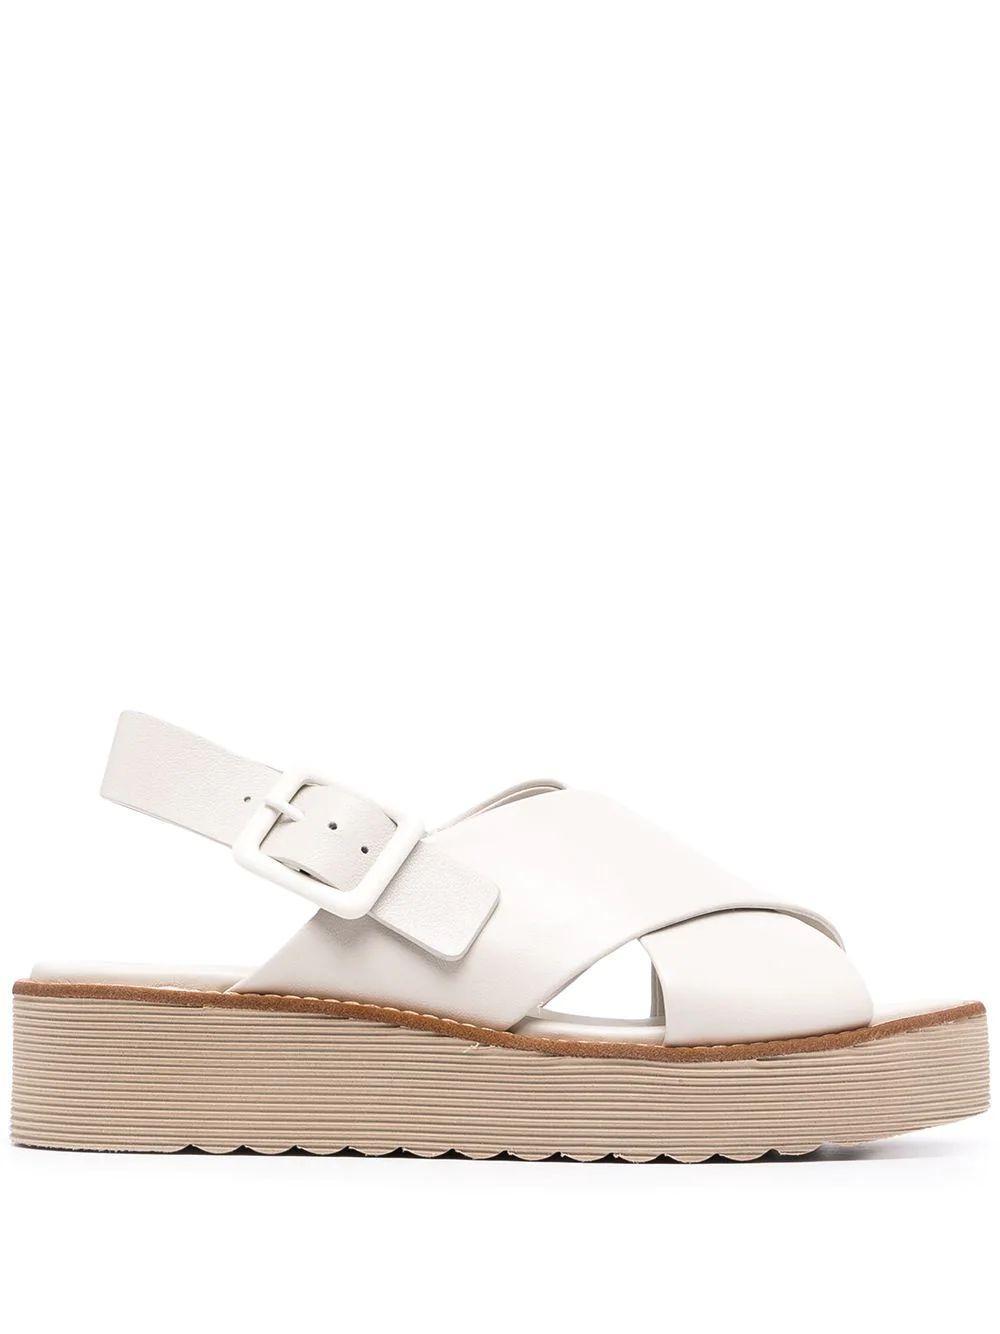 Zena Sandals Item # H6024L1100